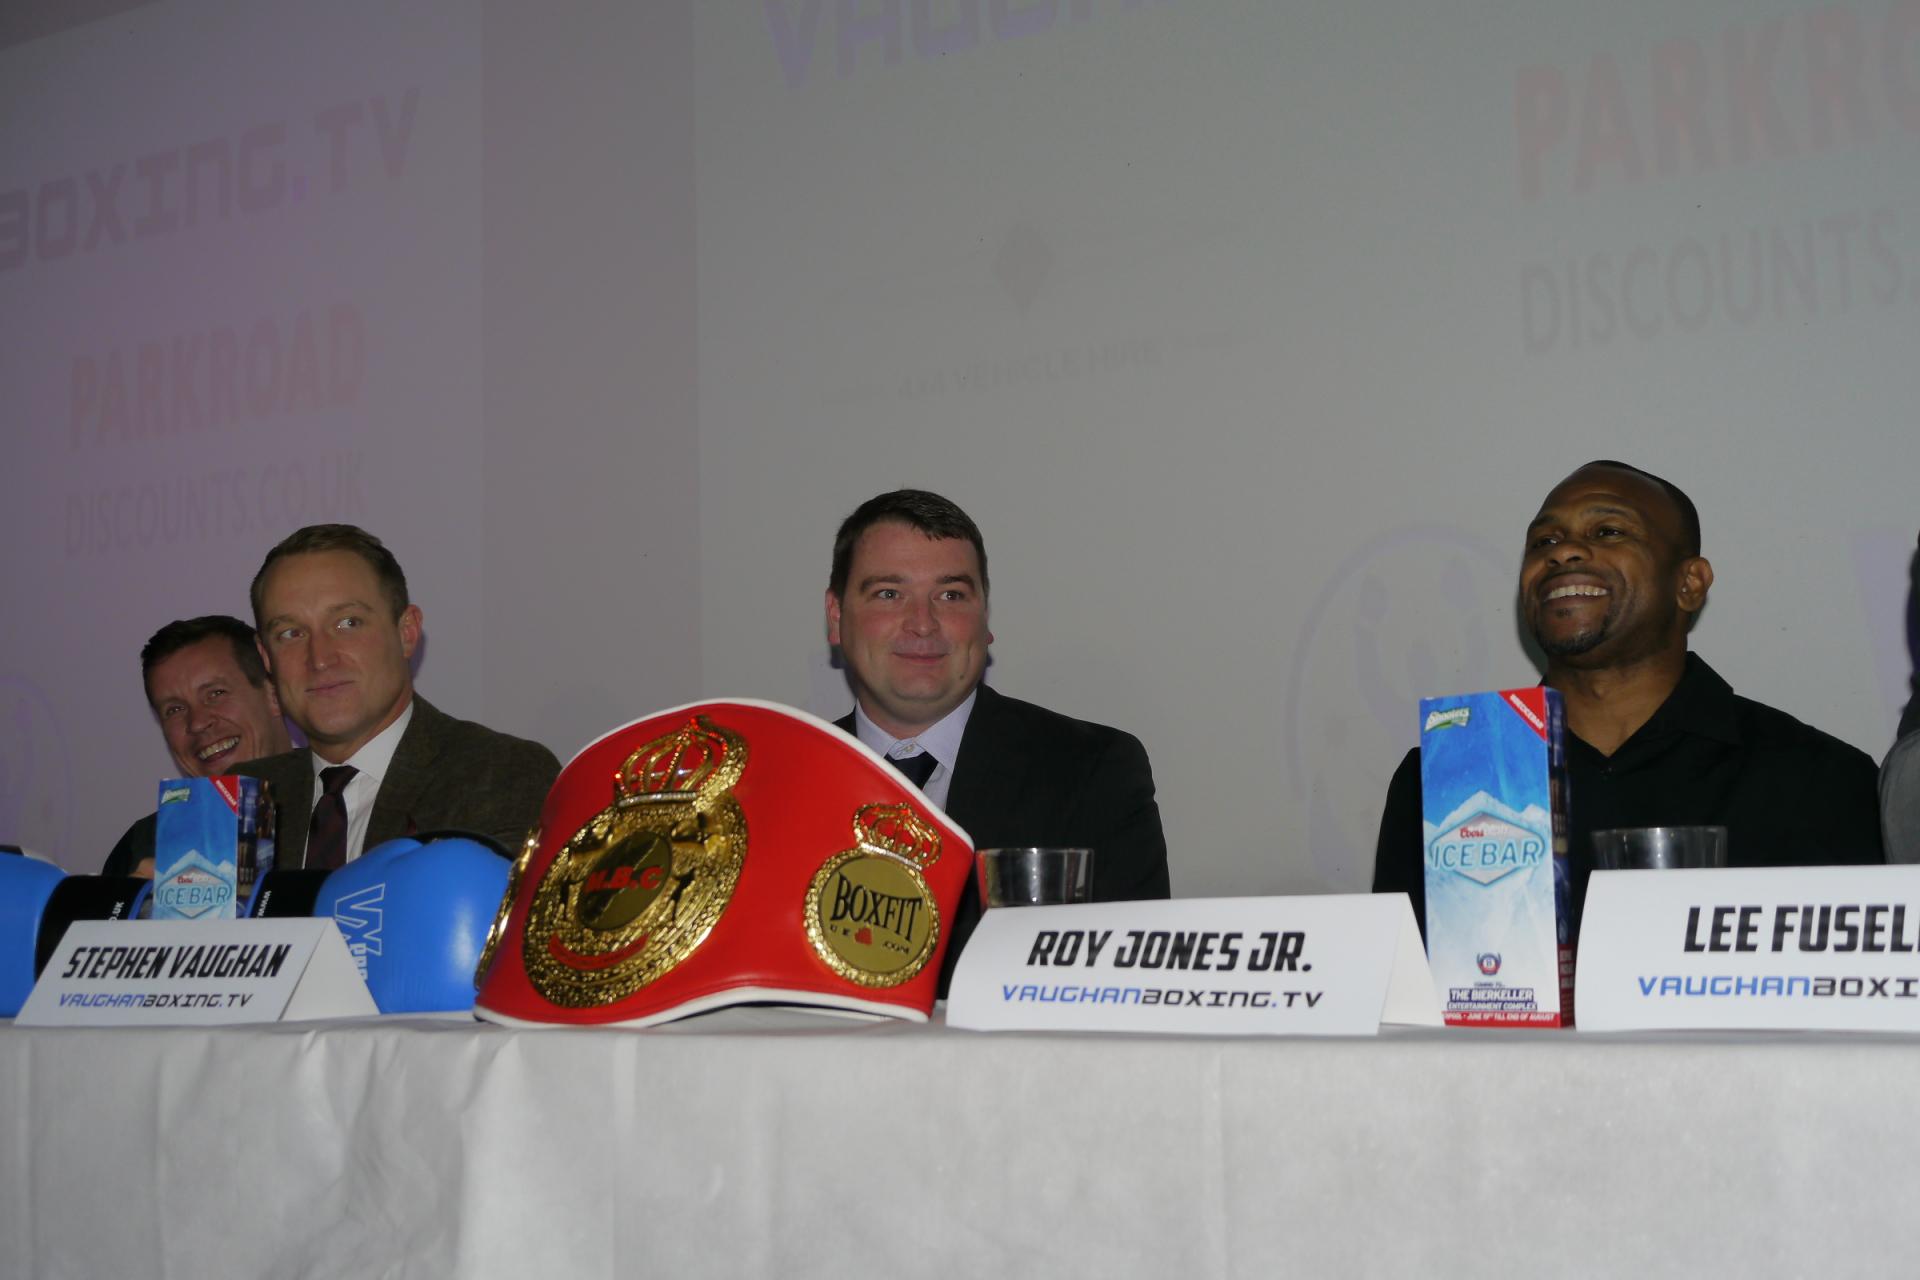 Roy Jones Jr, Stephen Vaughan, Francis Warren